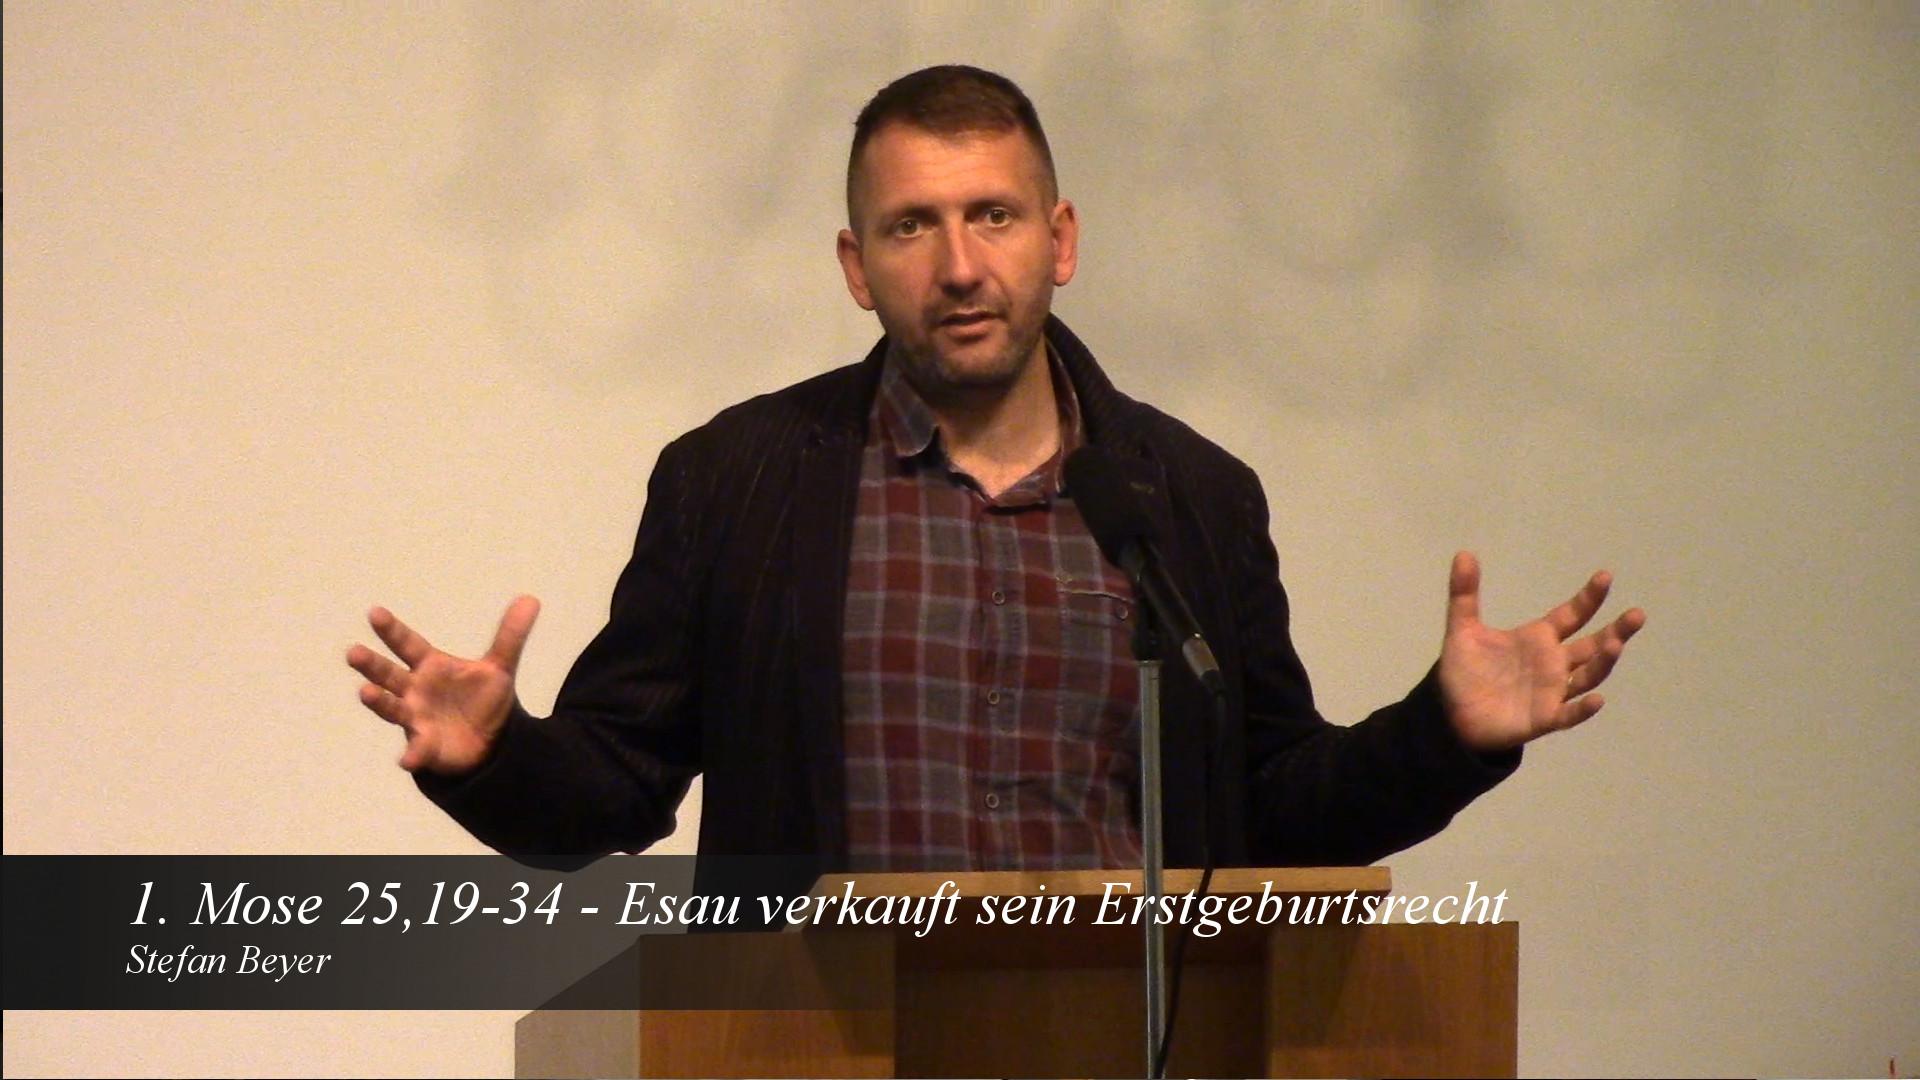 Esau verkauft sein Erstgeburtsrecht